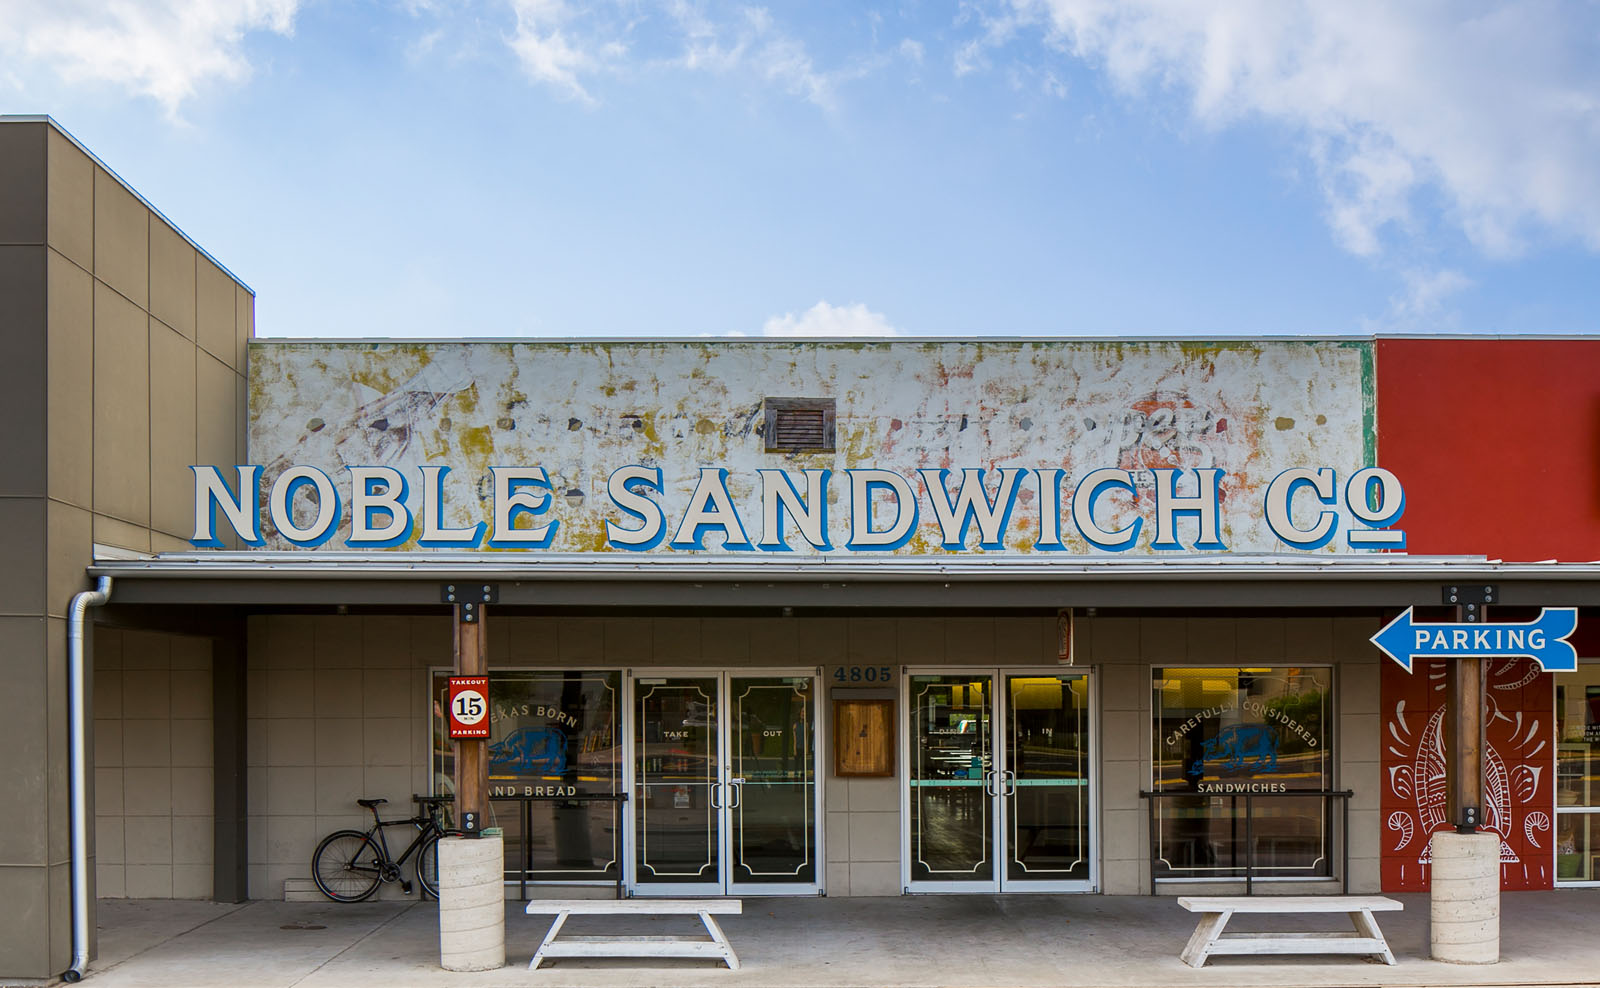 McCray & Co. - The Noble Sandwich Co. - Exterior